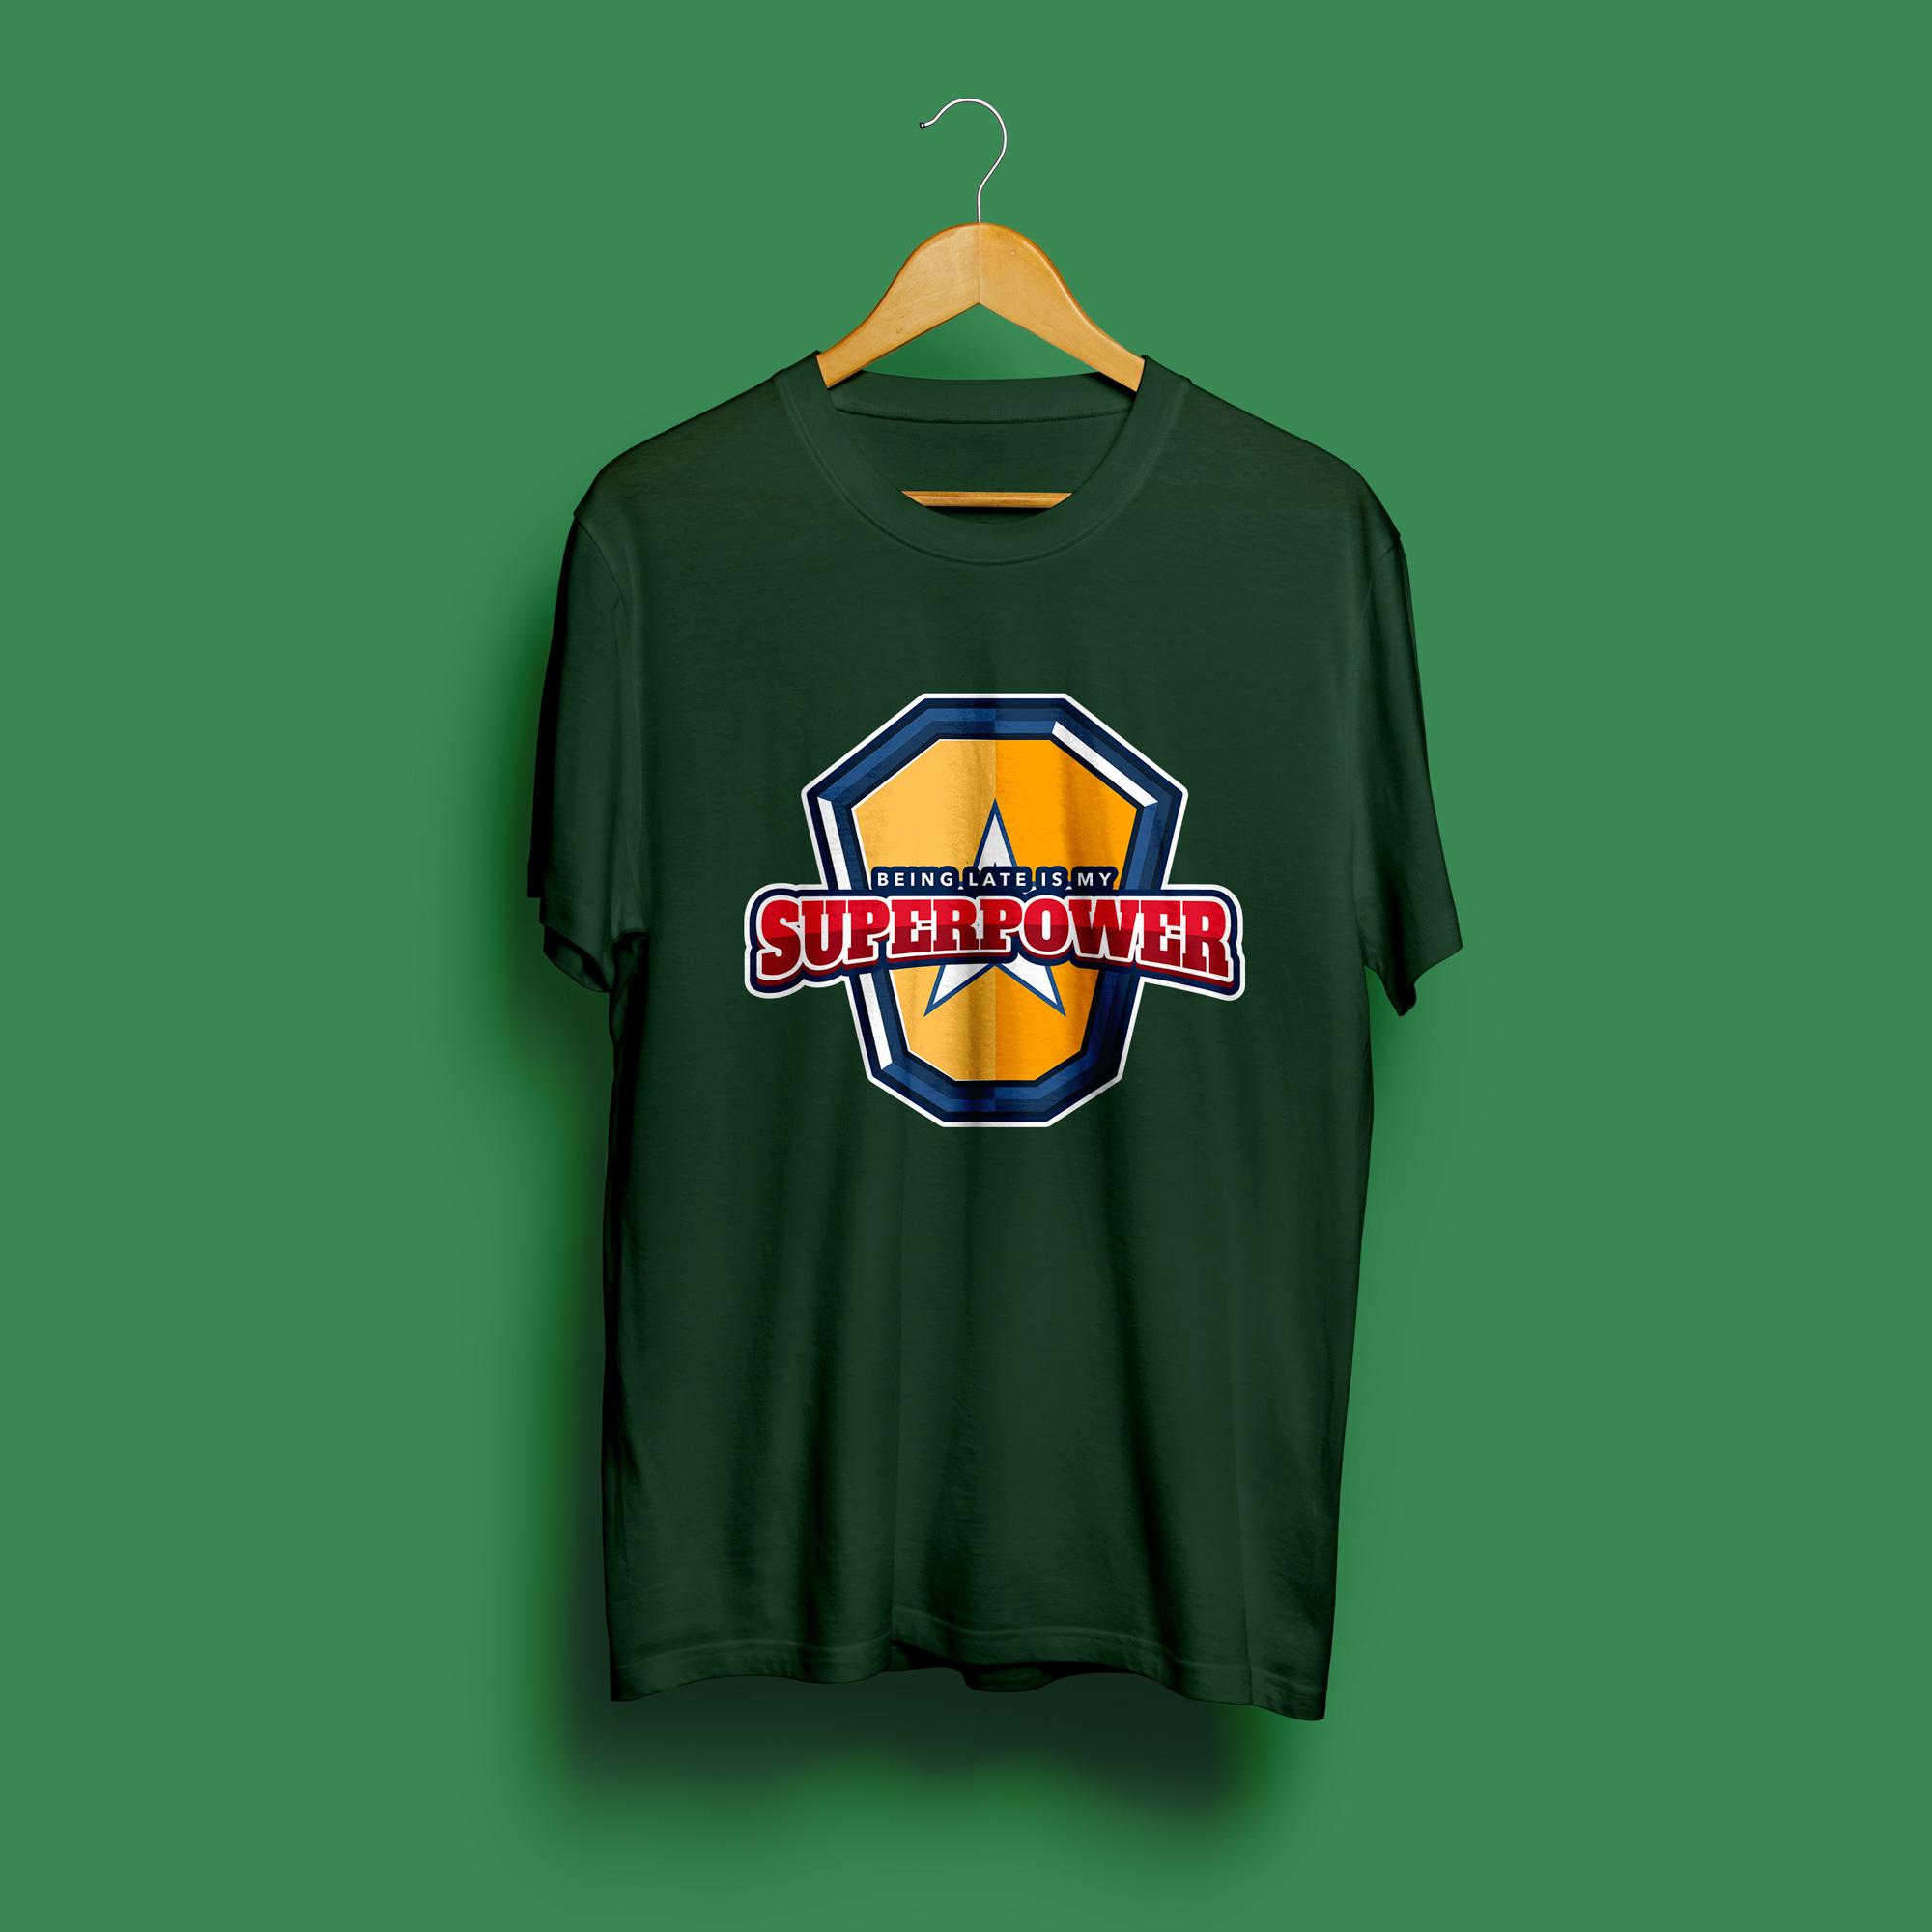 Superpower Round Neck T-Shirt